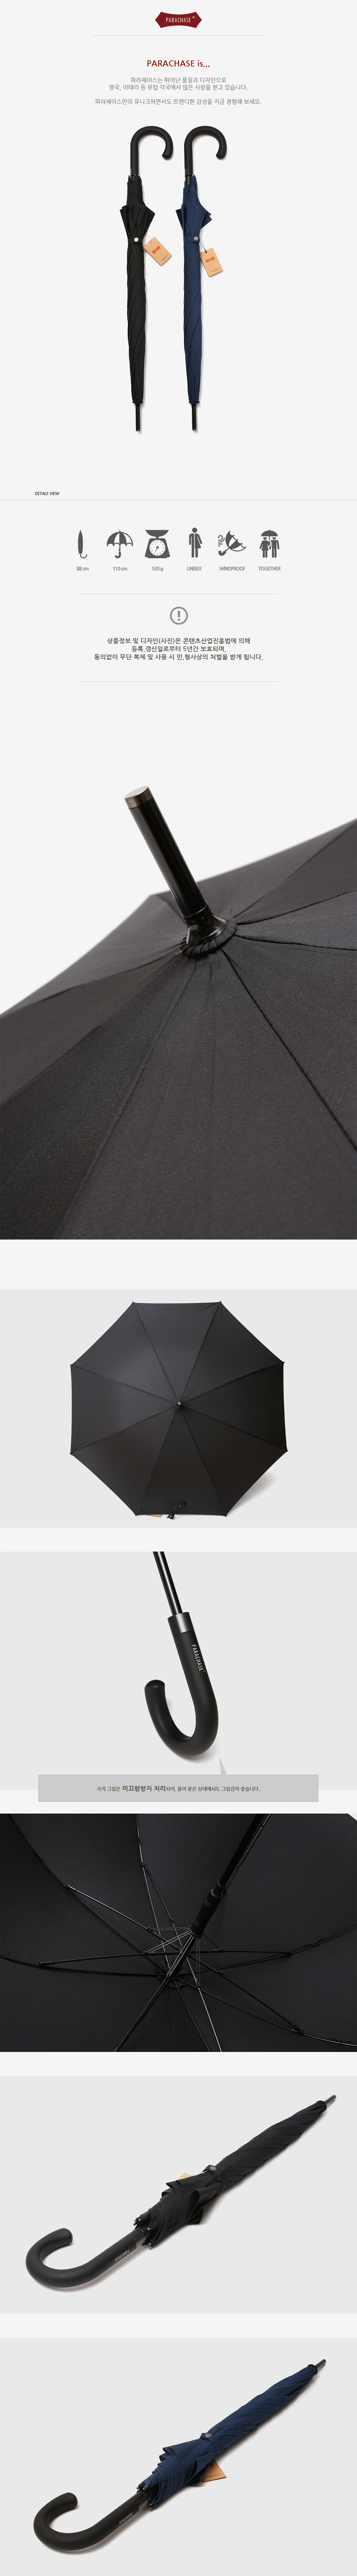 파라체이스(PARACHASE) 1015 클래식 곡자 그립 장우산